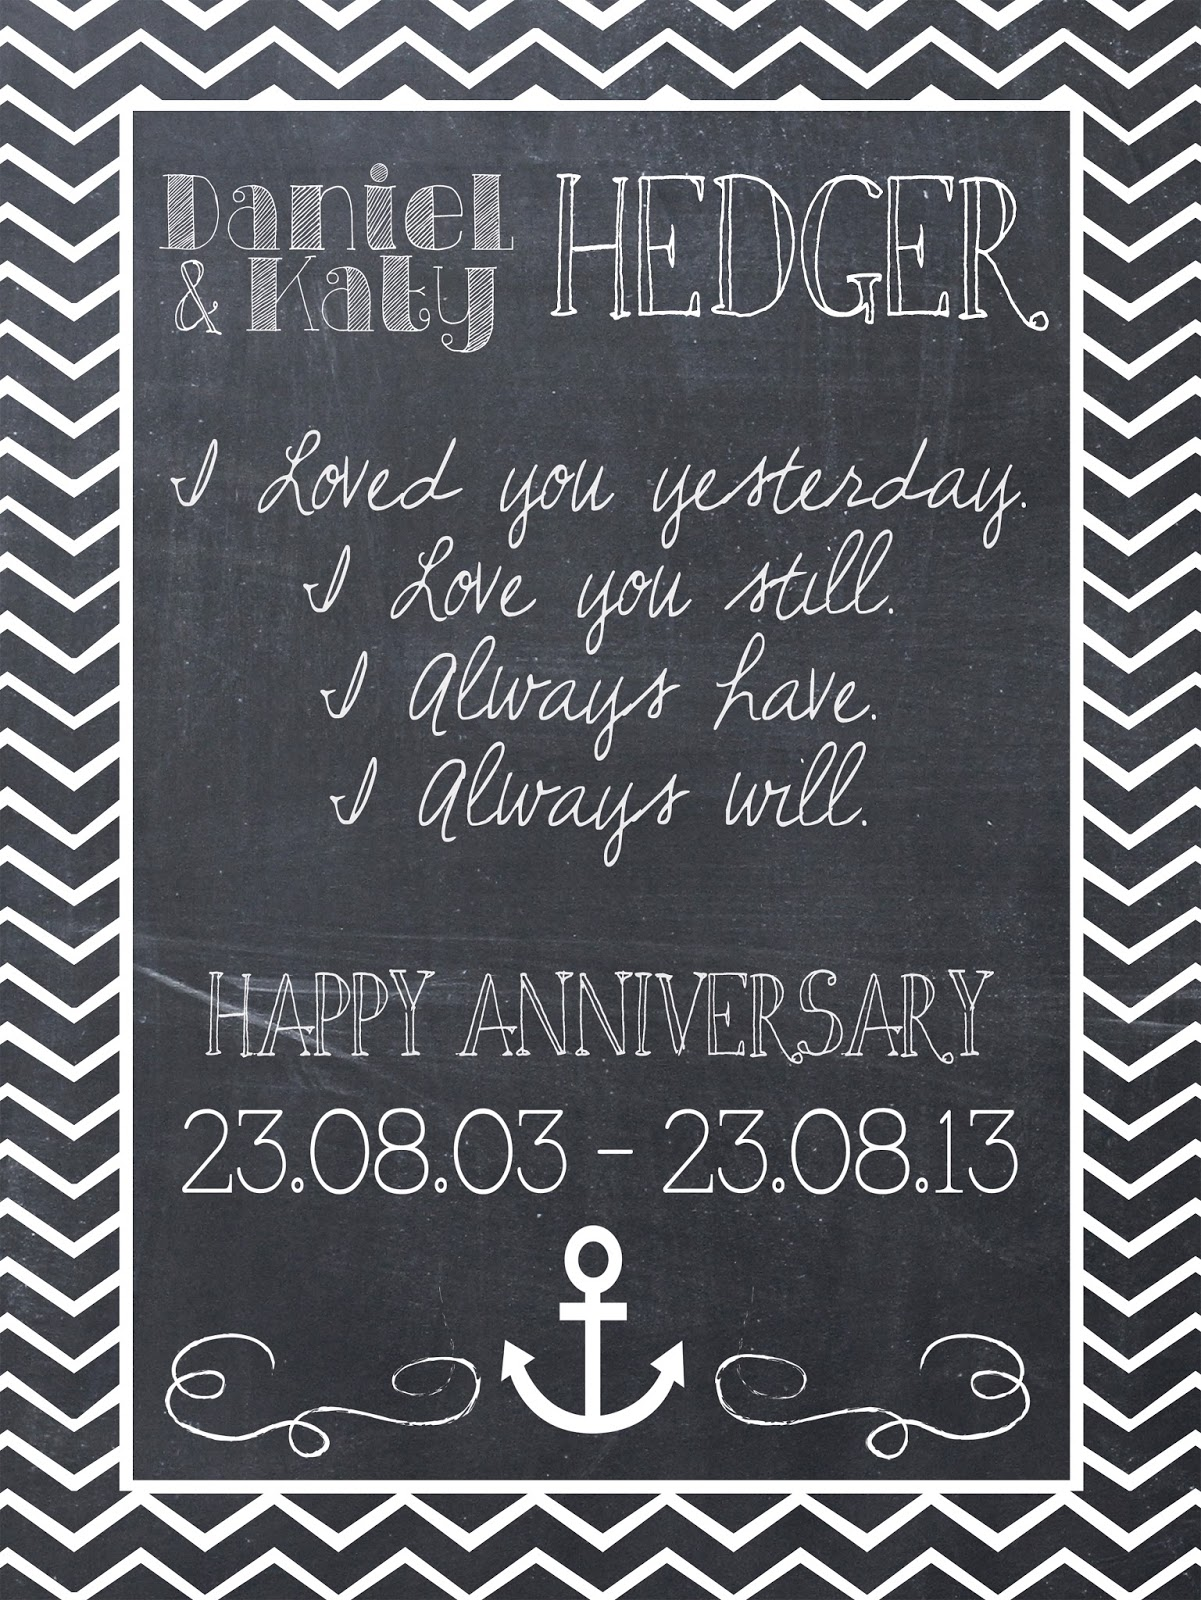 10 Year Wedding Anniversary Ring